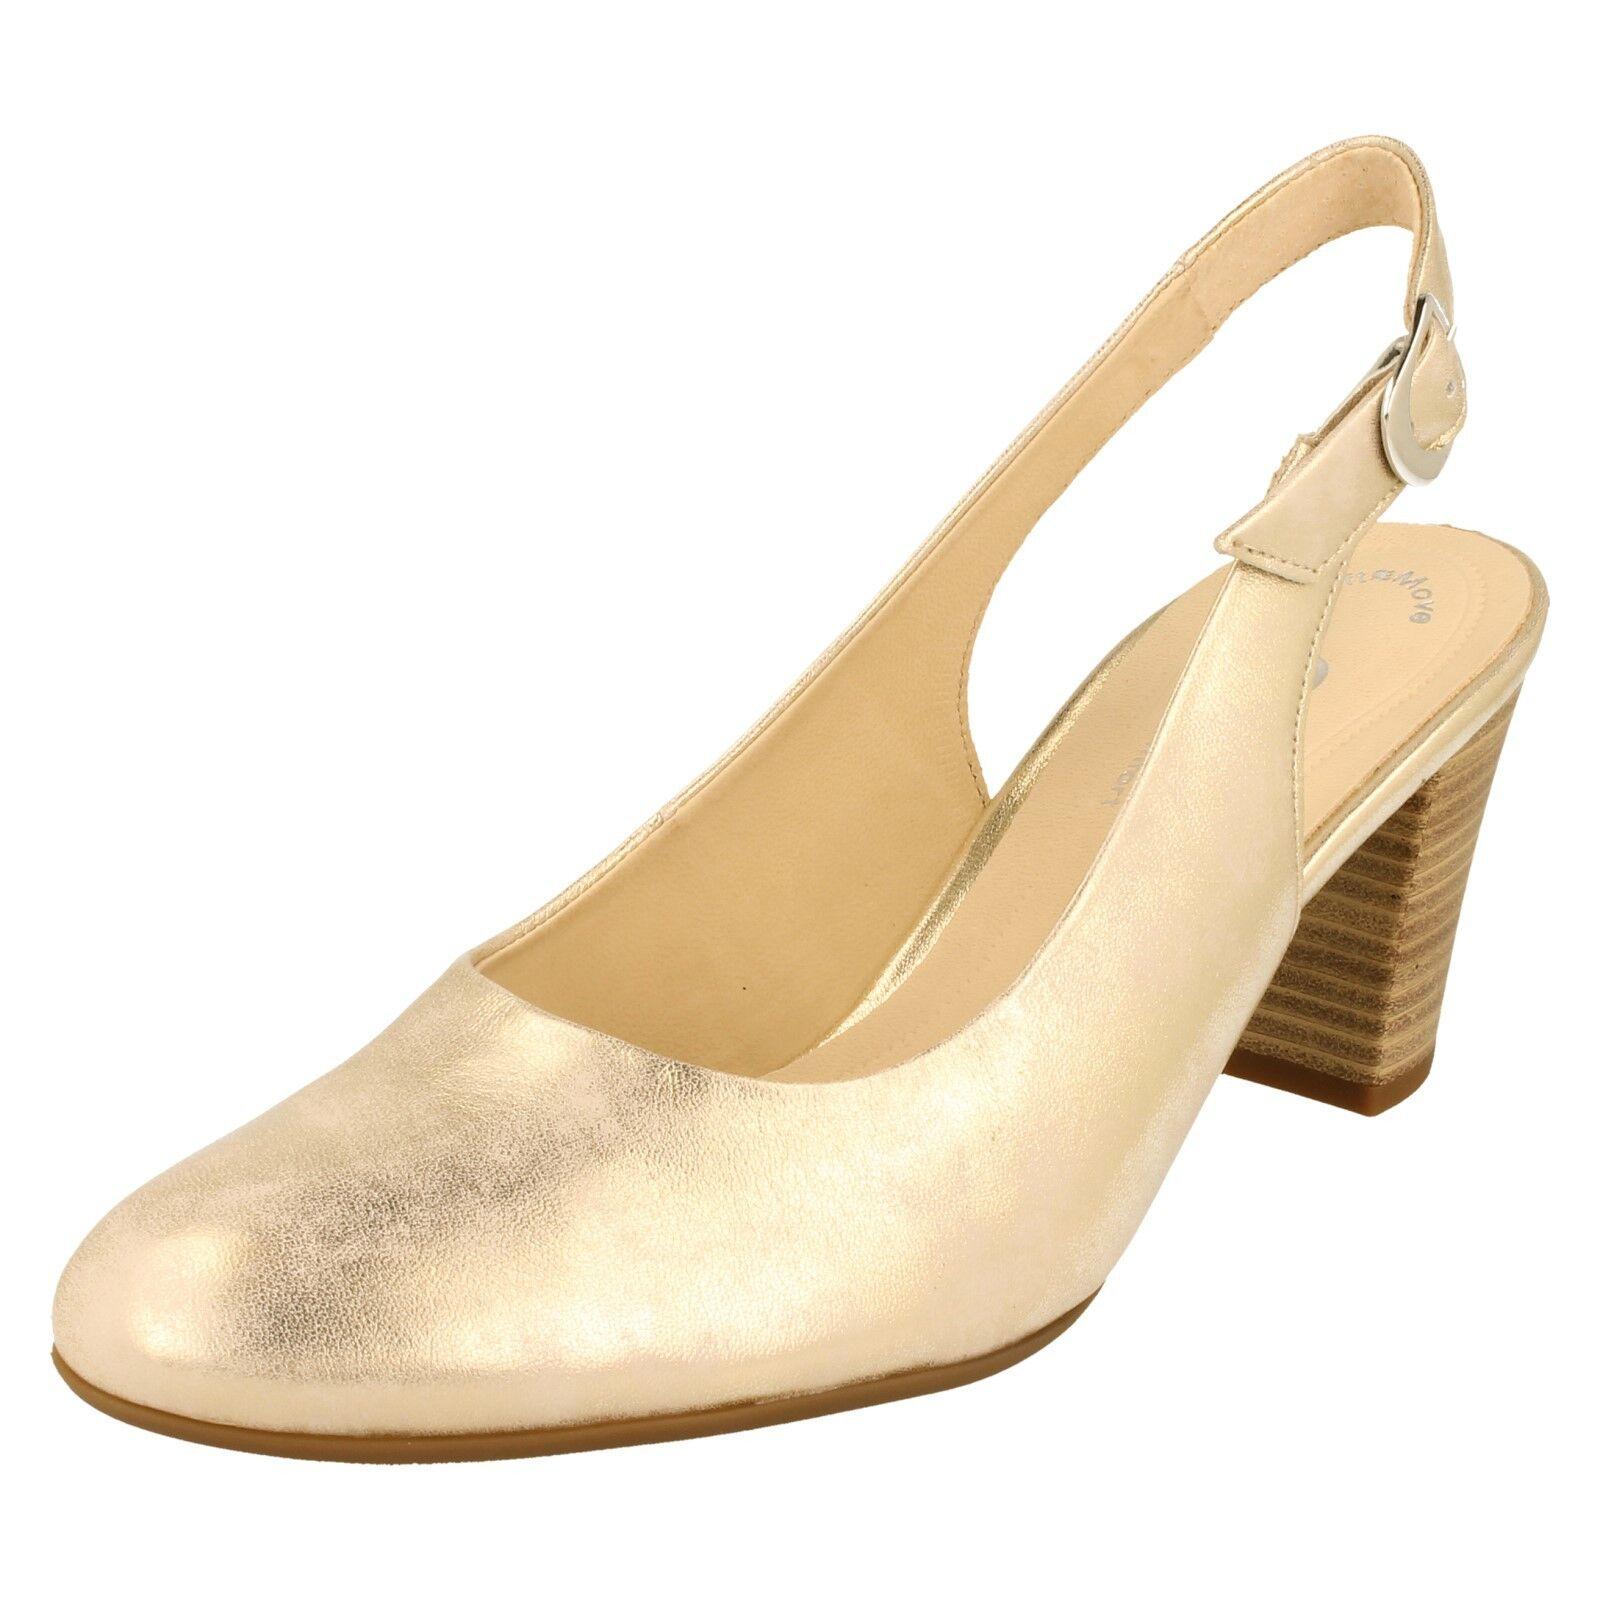 Descuento barato Mujer GABOR Cabestrillo ESPALDAS Zapatos-62.260